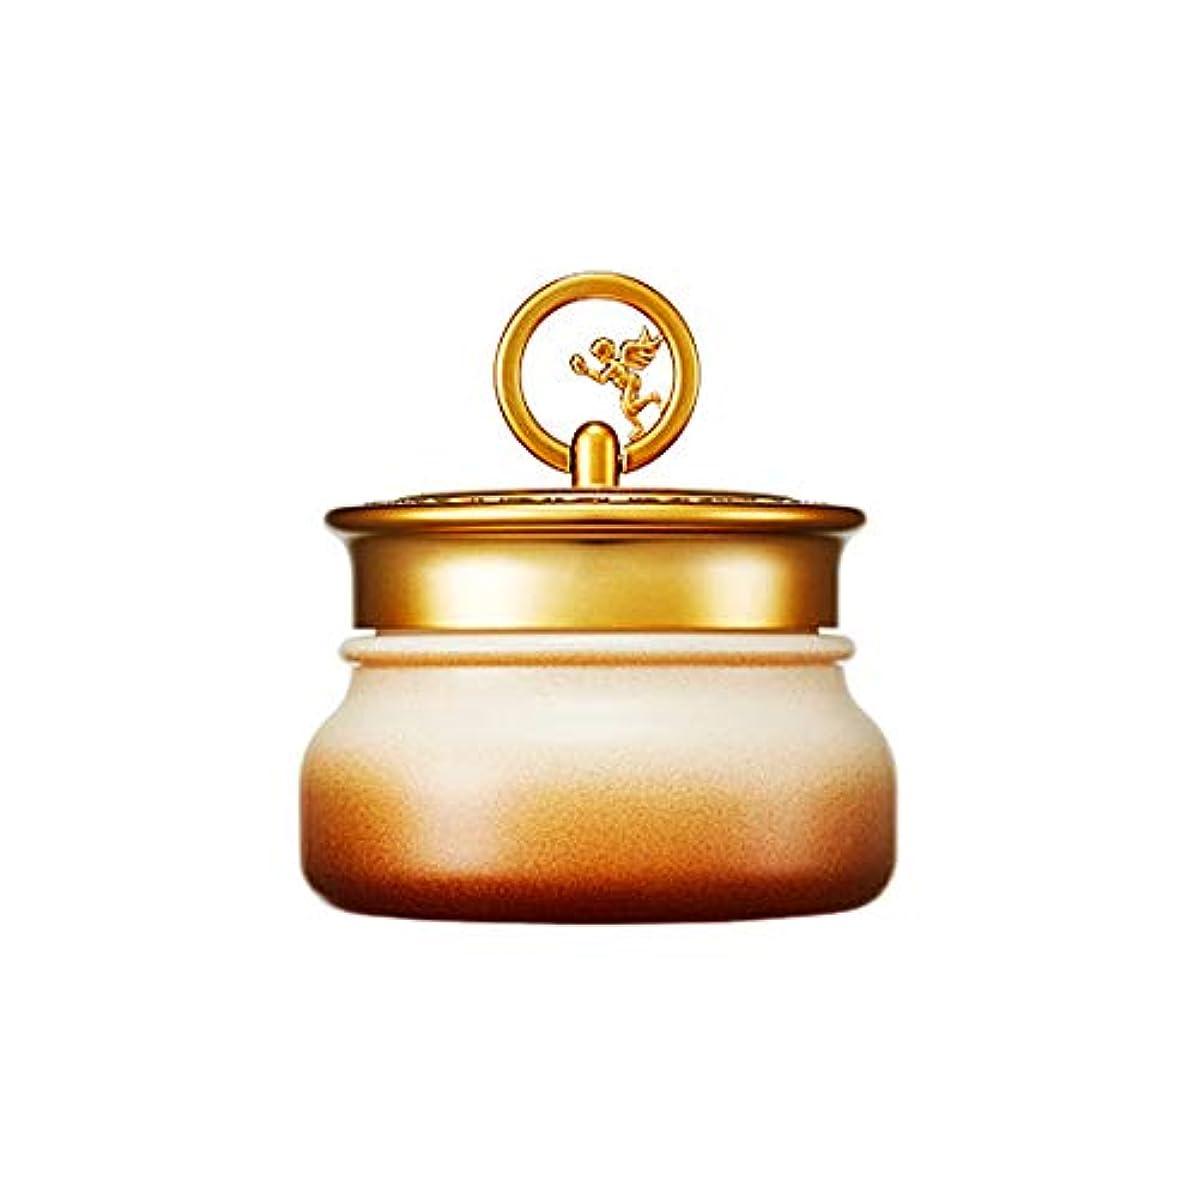 モジュールベーコン好みSkinfood ゴールドキャビアクリーム(しわケア) / Gold Caviar Cream (wrinkle care) 45g [並行輸入品]